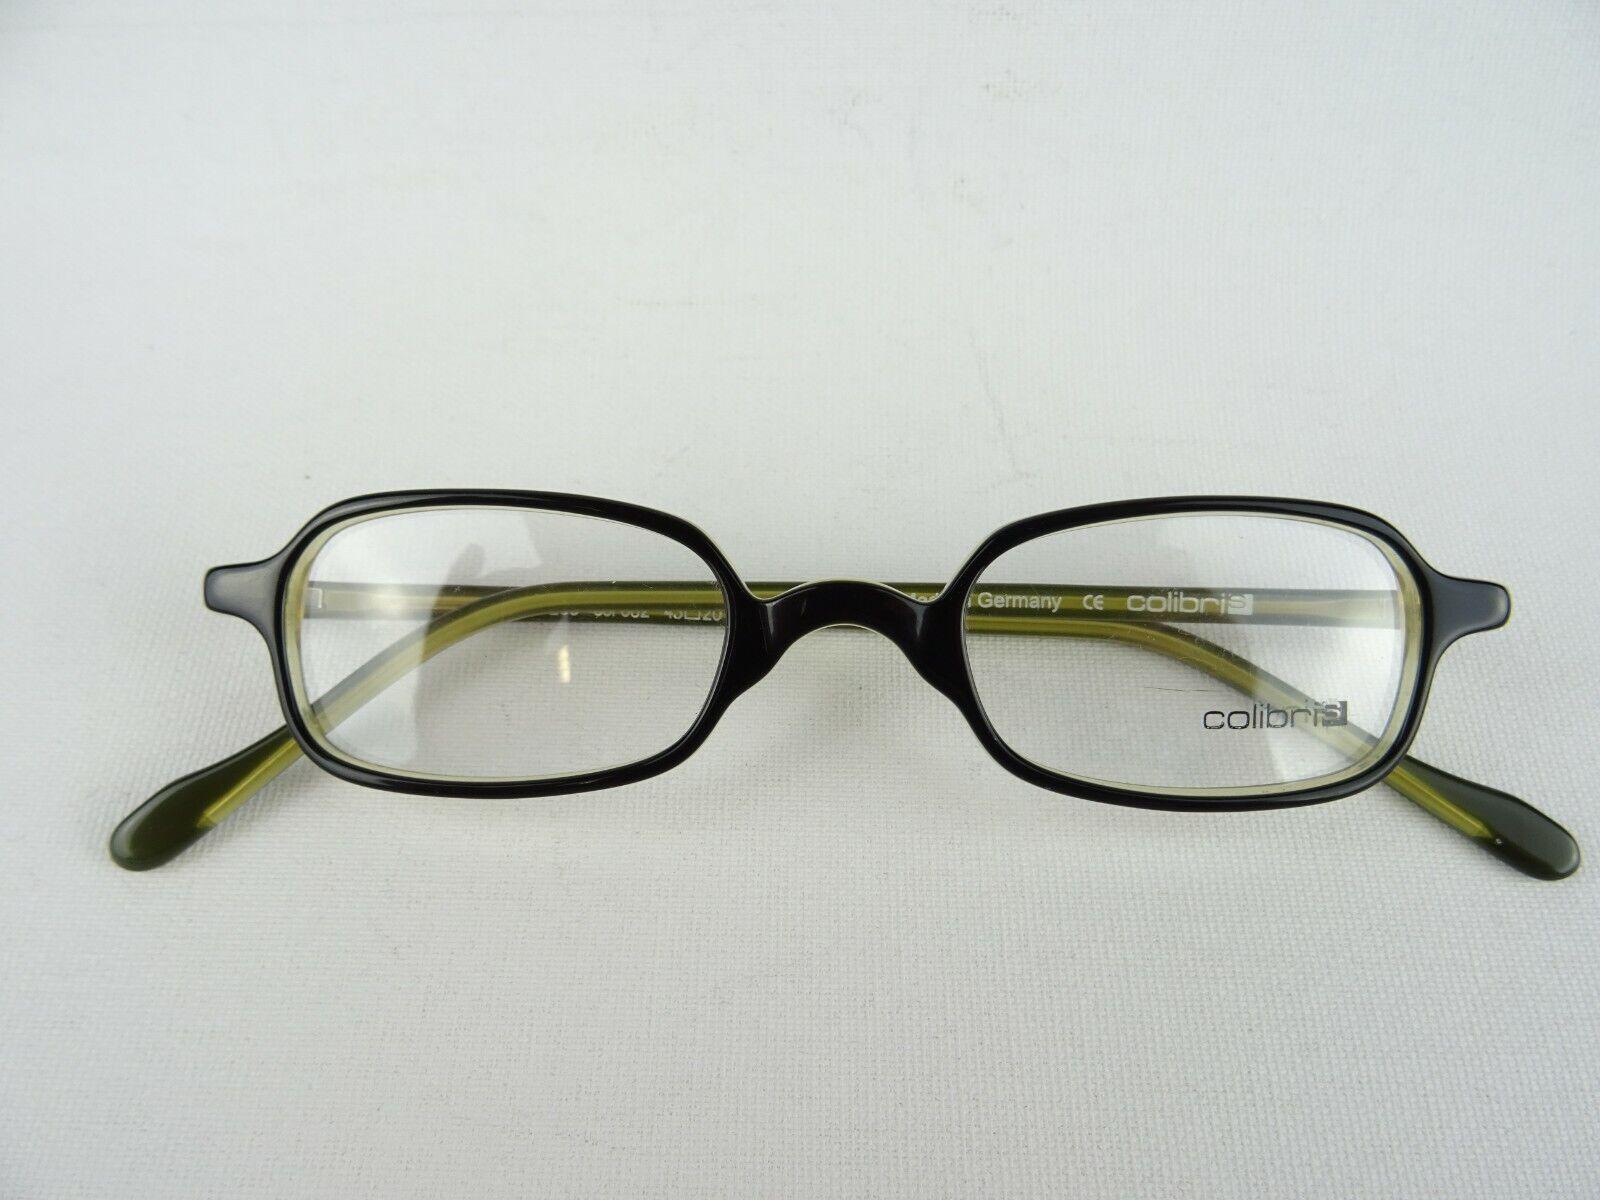 Kleine Brillen Kunststoffgestelle, schwarz preiswert, kleine Gläser Gr. S 43-20